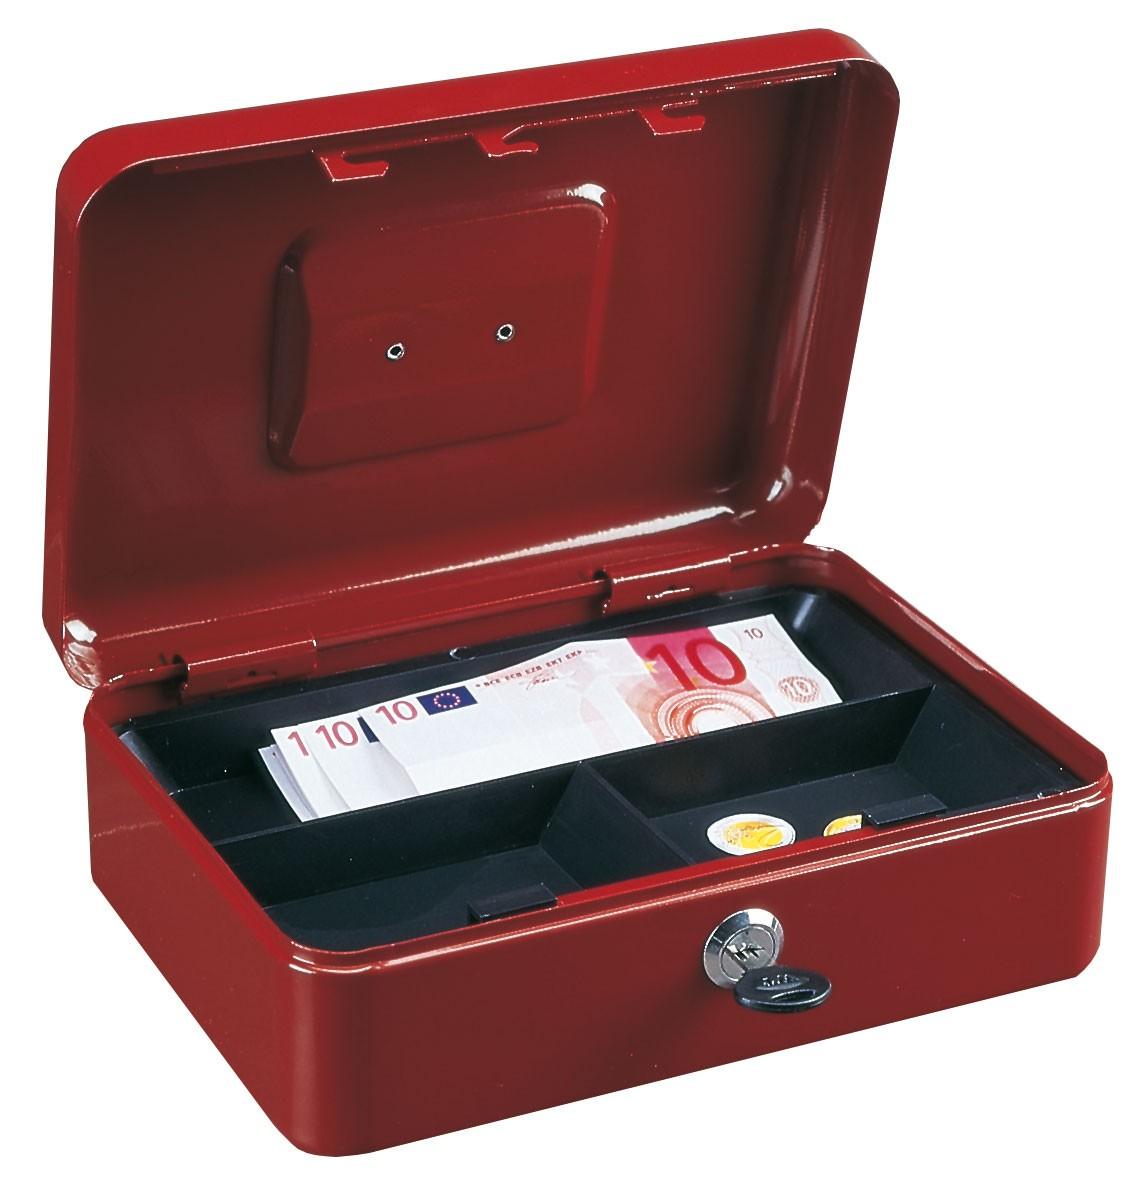 Rottner Geldkassette Traun 3 rot 90x250x185mm Bild 1